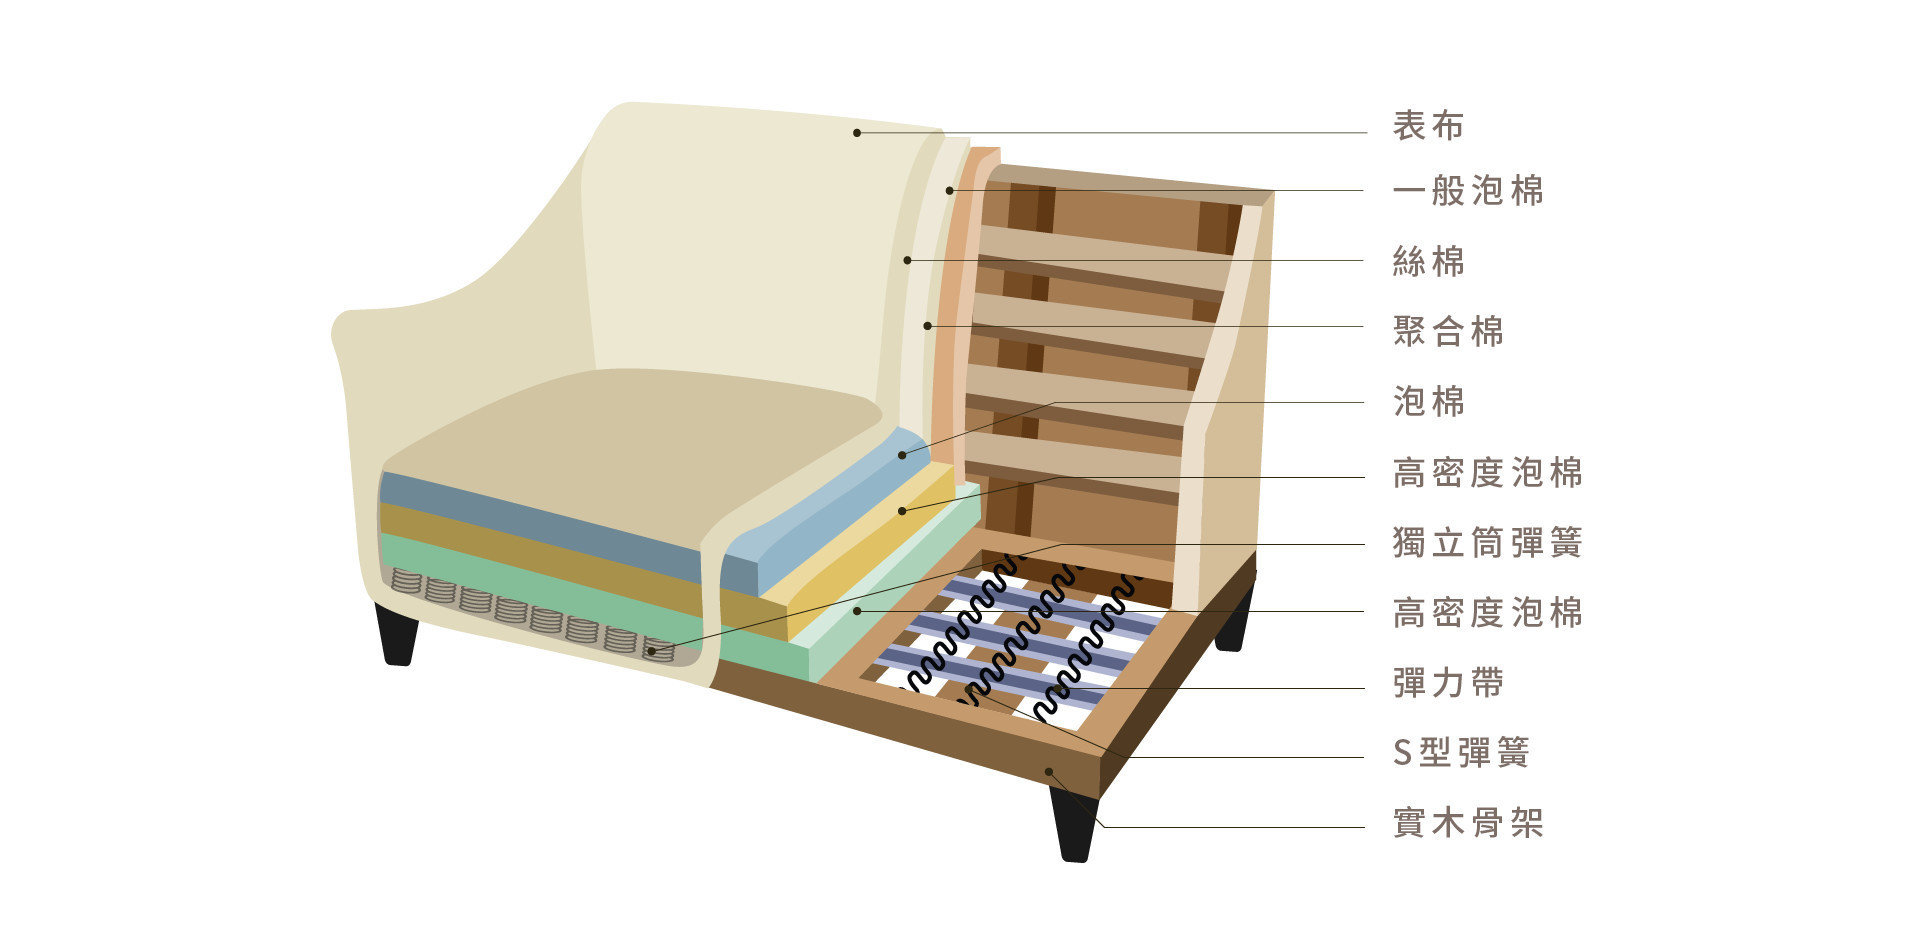 長腿叔叔沙發內材結構:高密度泡棉、獨立筒彈簧、實木骨架